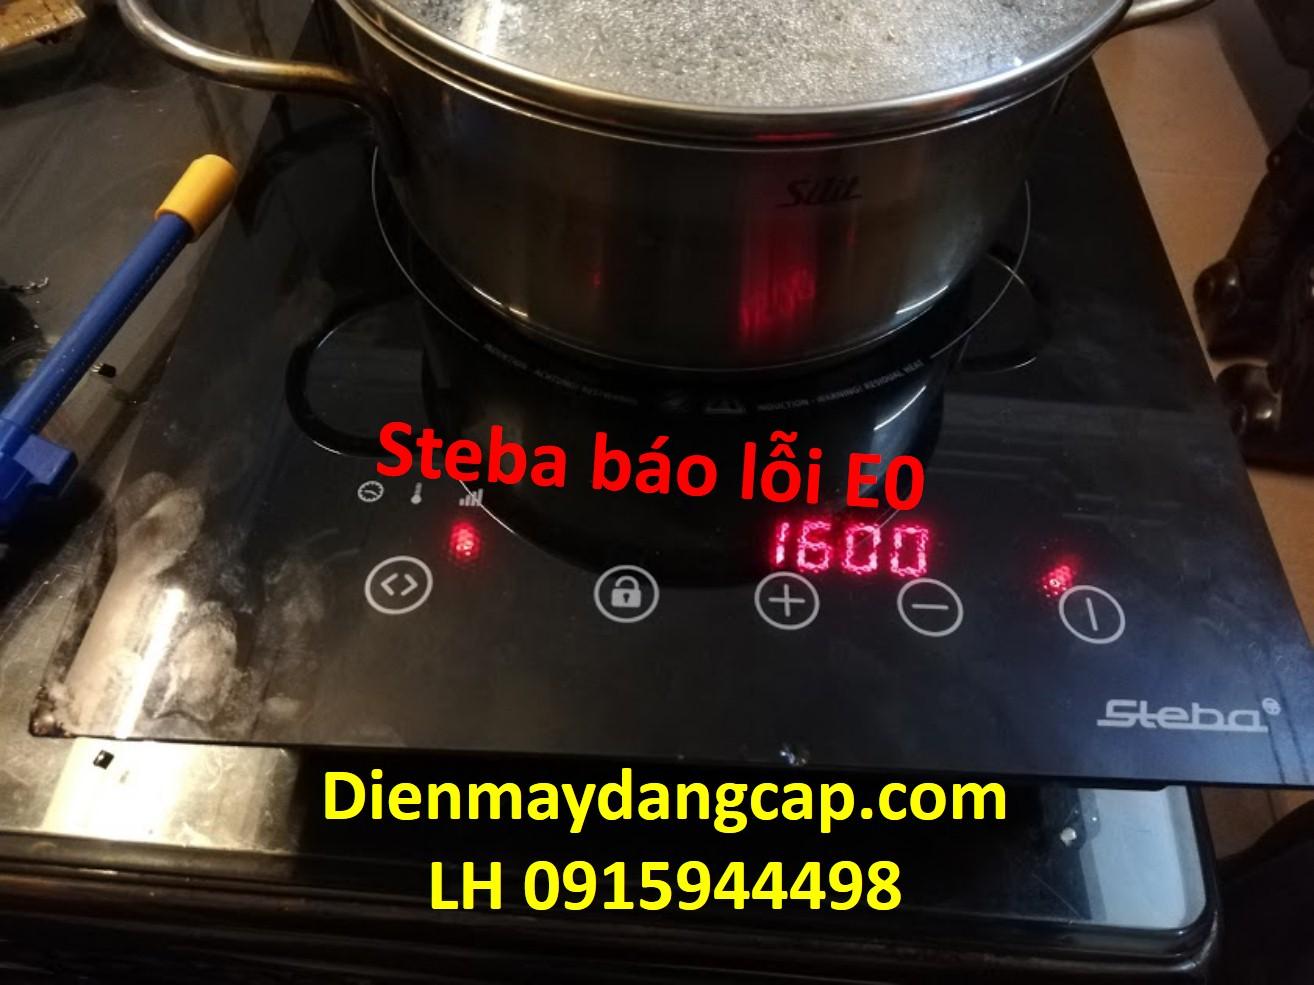 Sửa bếp từ Steba báo lỗi E0